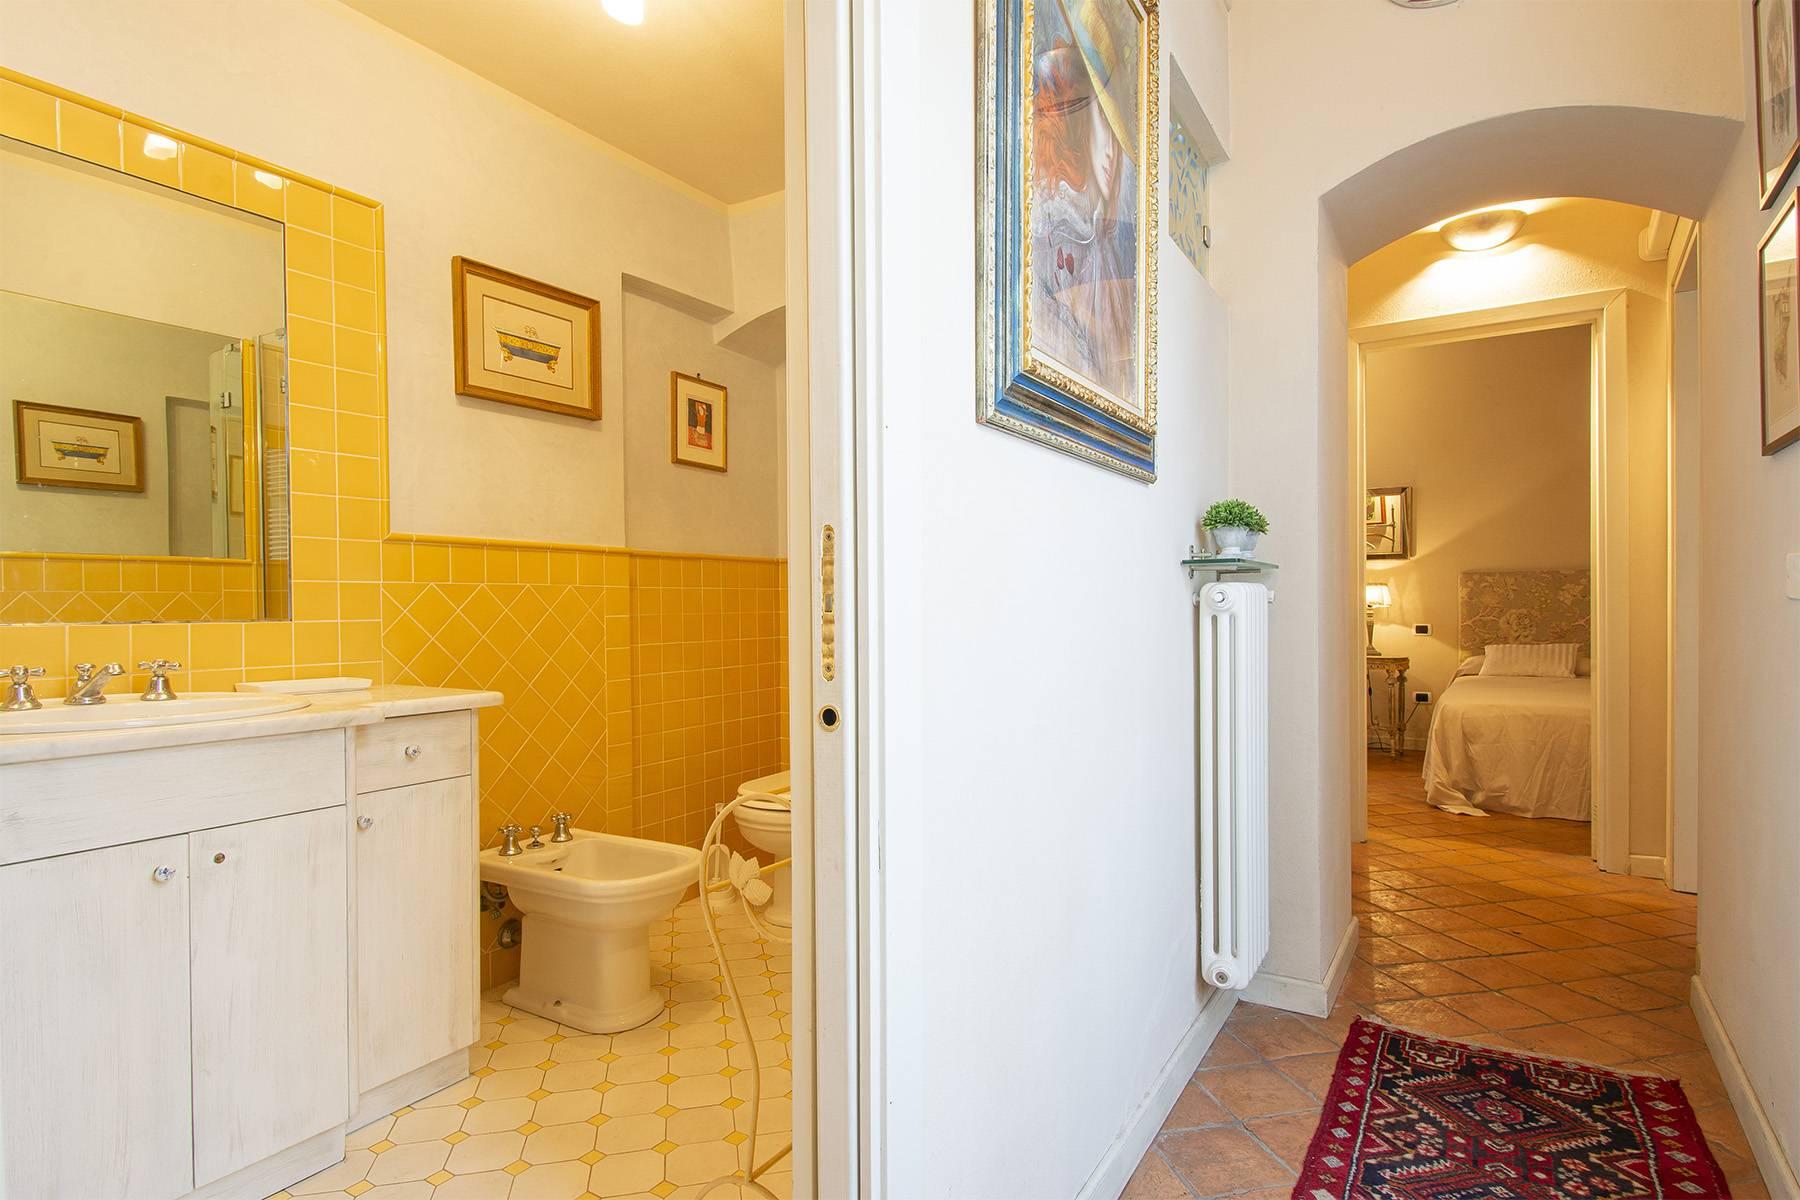 Appartamento in Vendita a Lucca: 5 locali, 77 mq - Foto 10